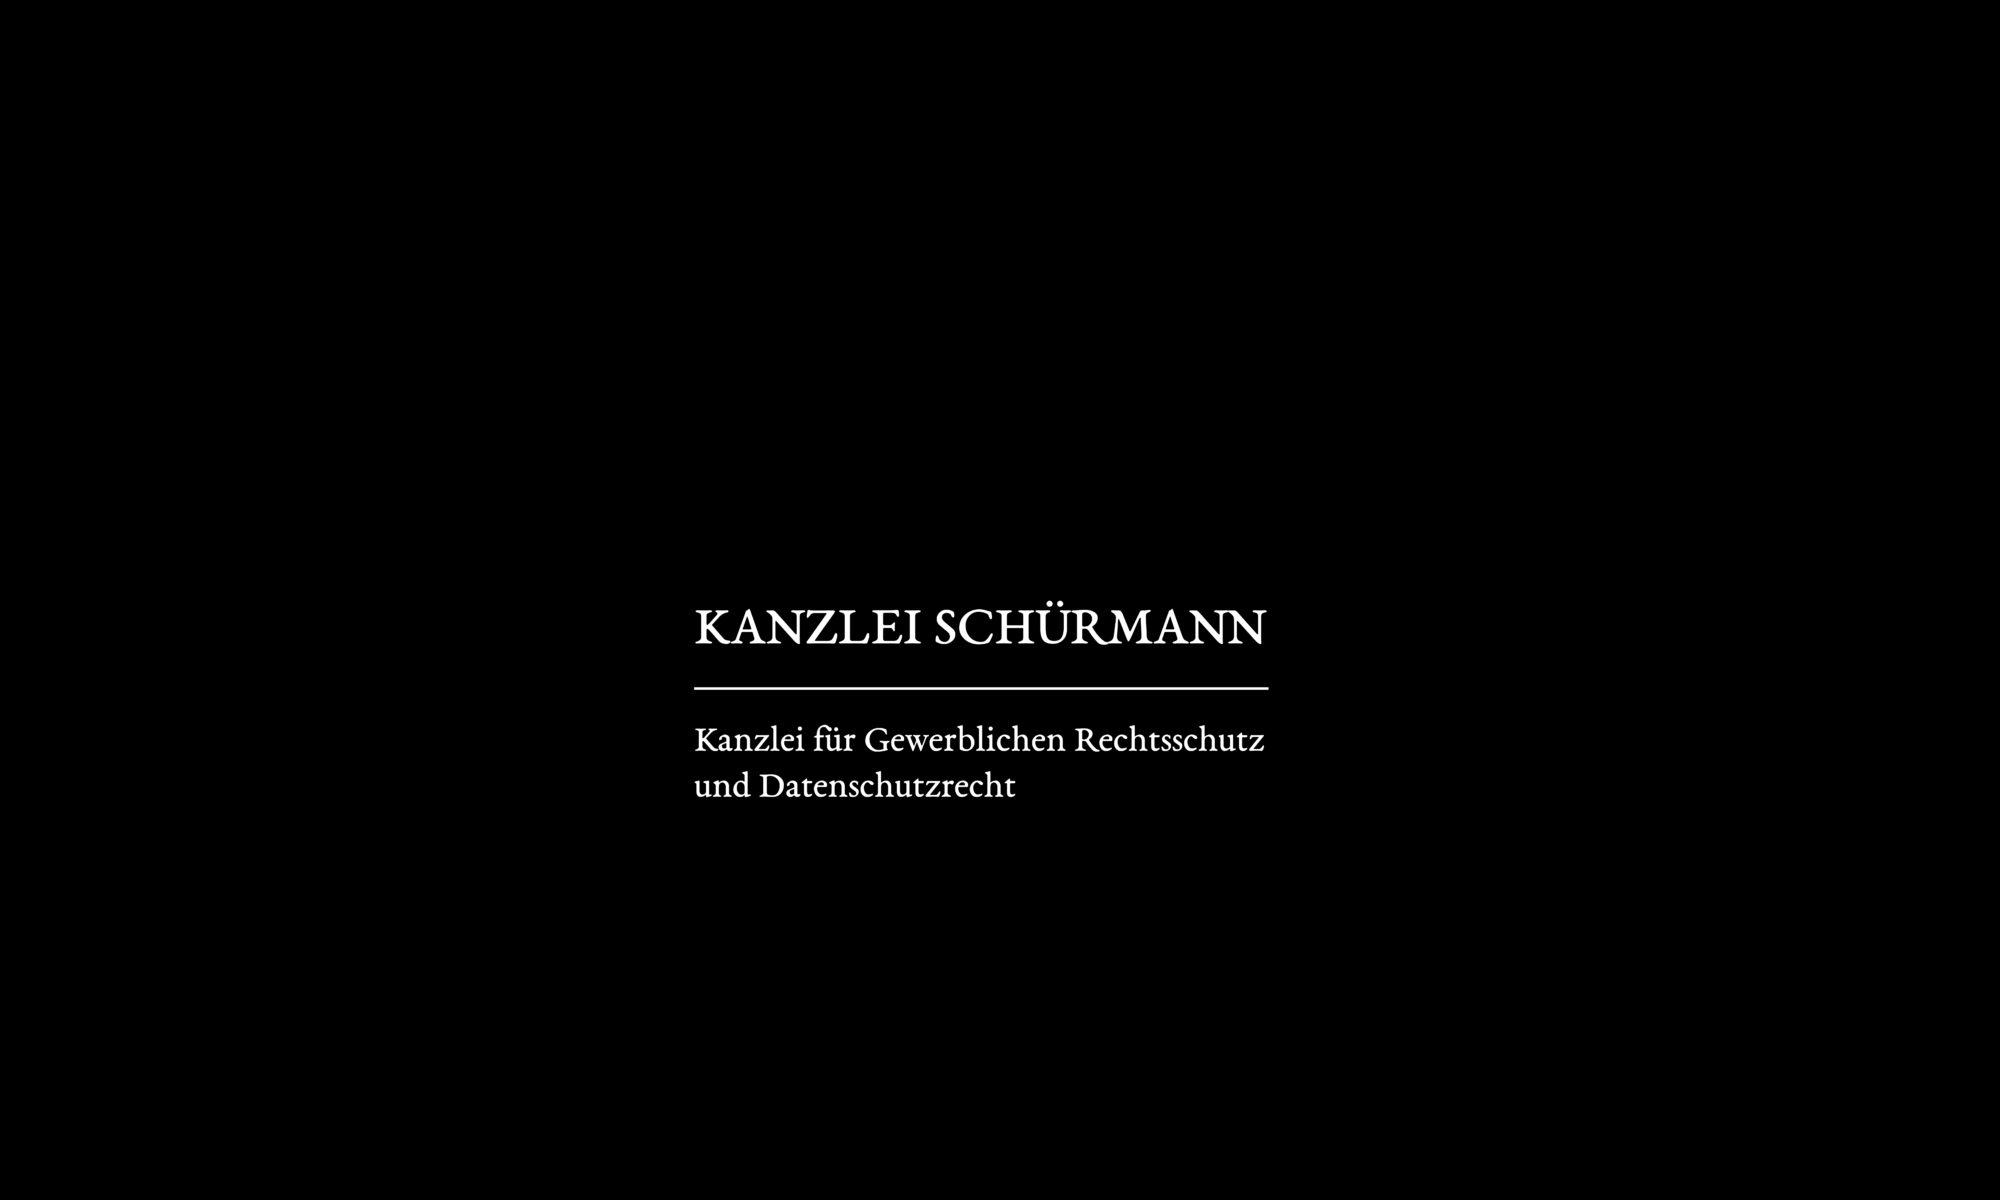 Kanzlei Schürmann | Kanzlei für Gewerblichen Rechtsschutz und Datenschutzrecht